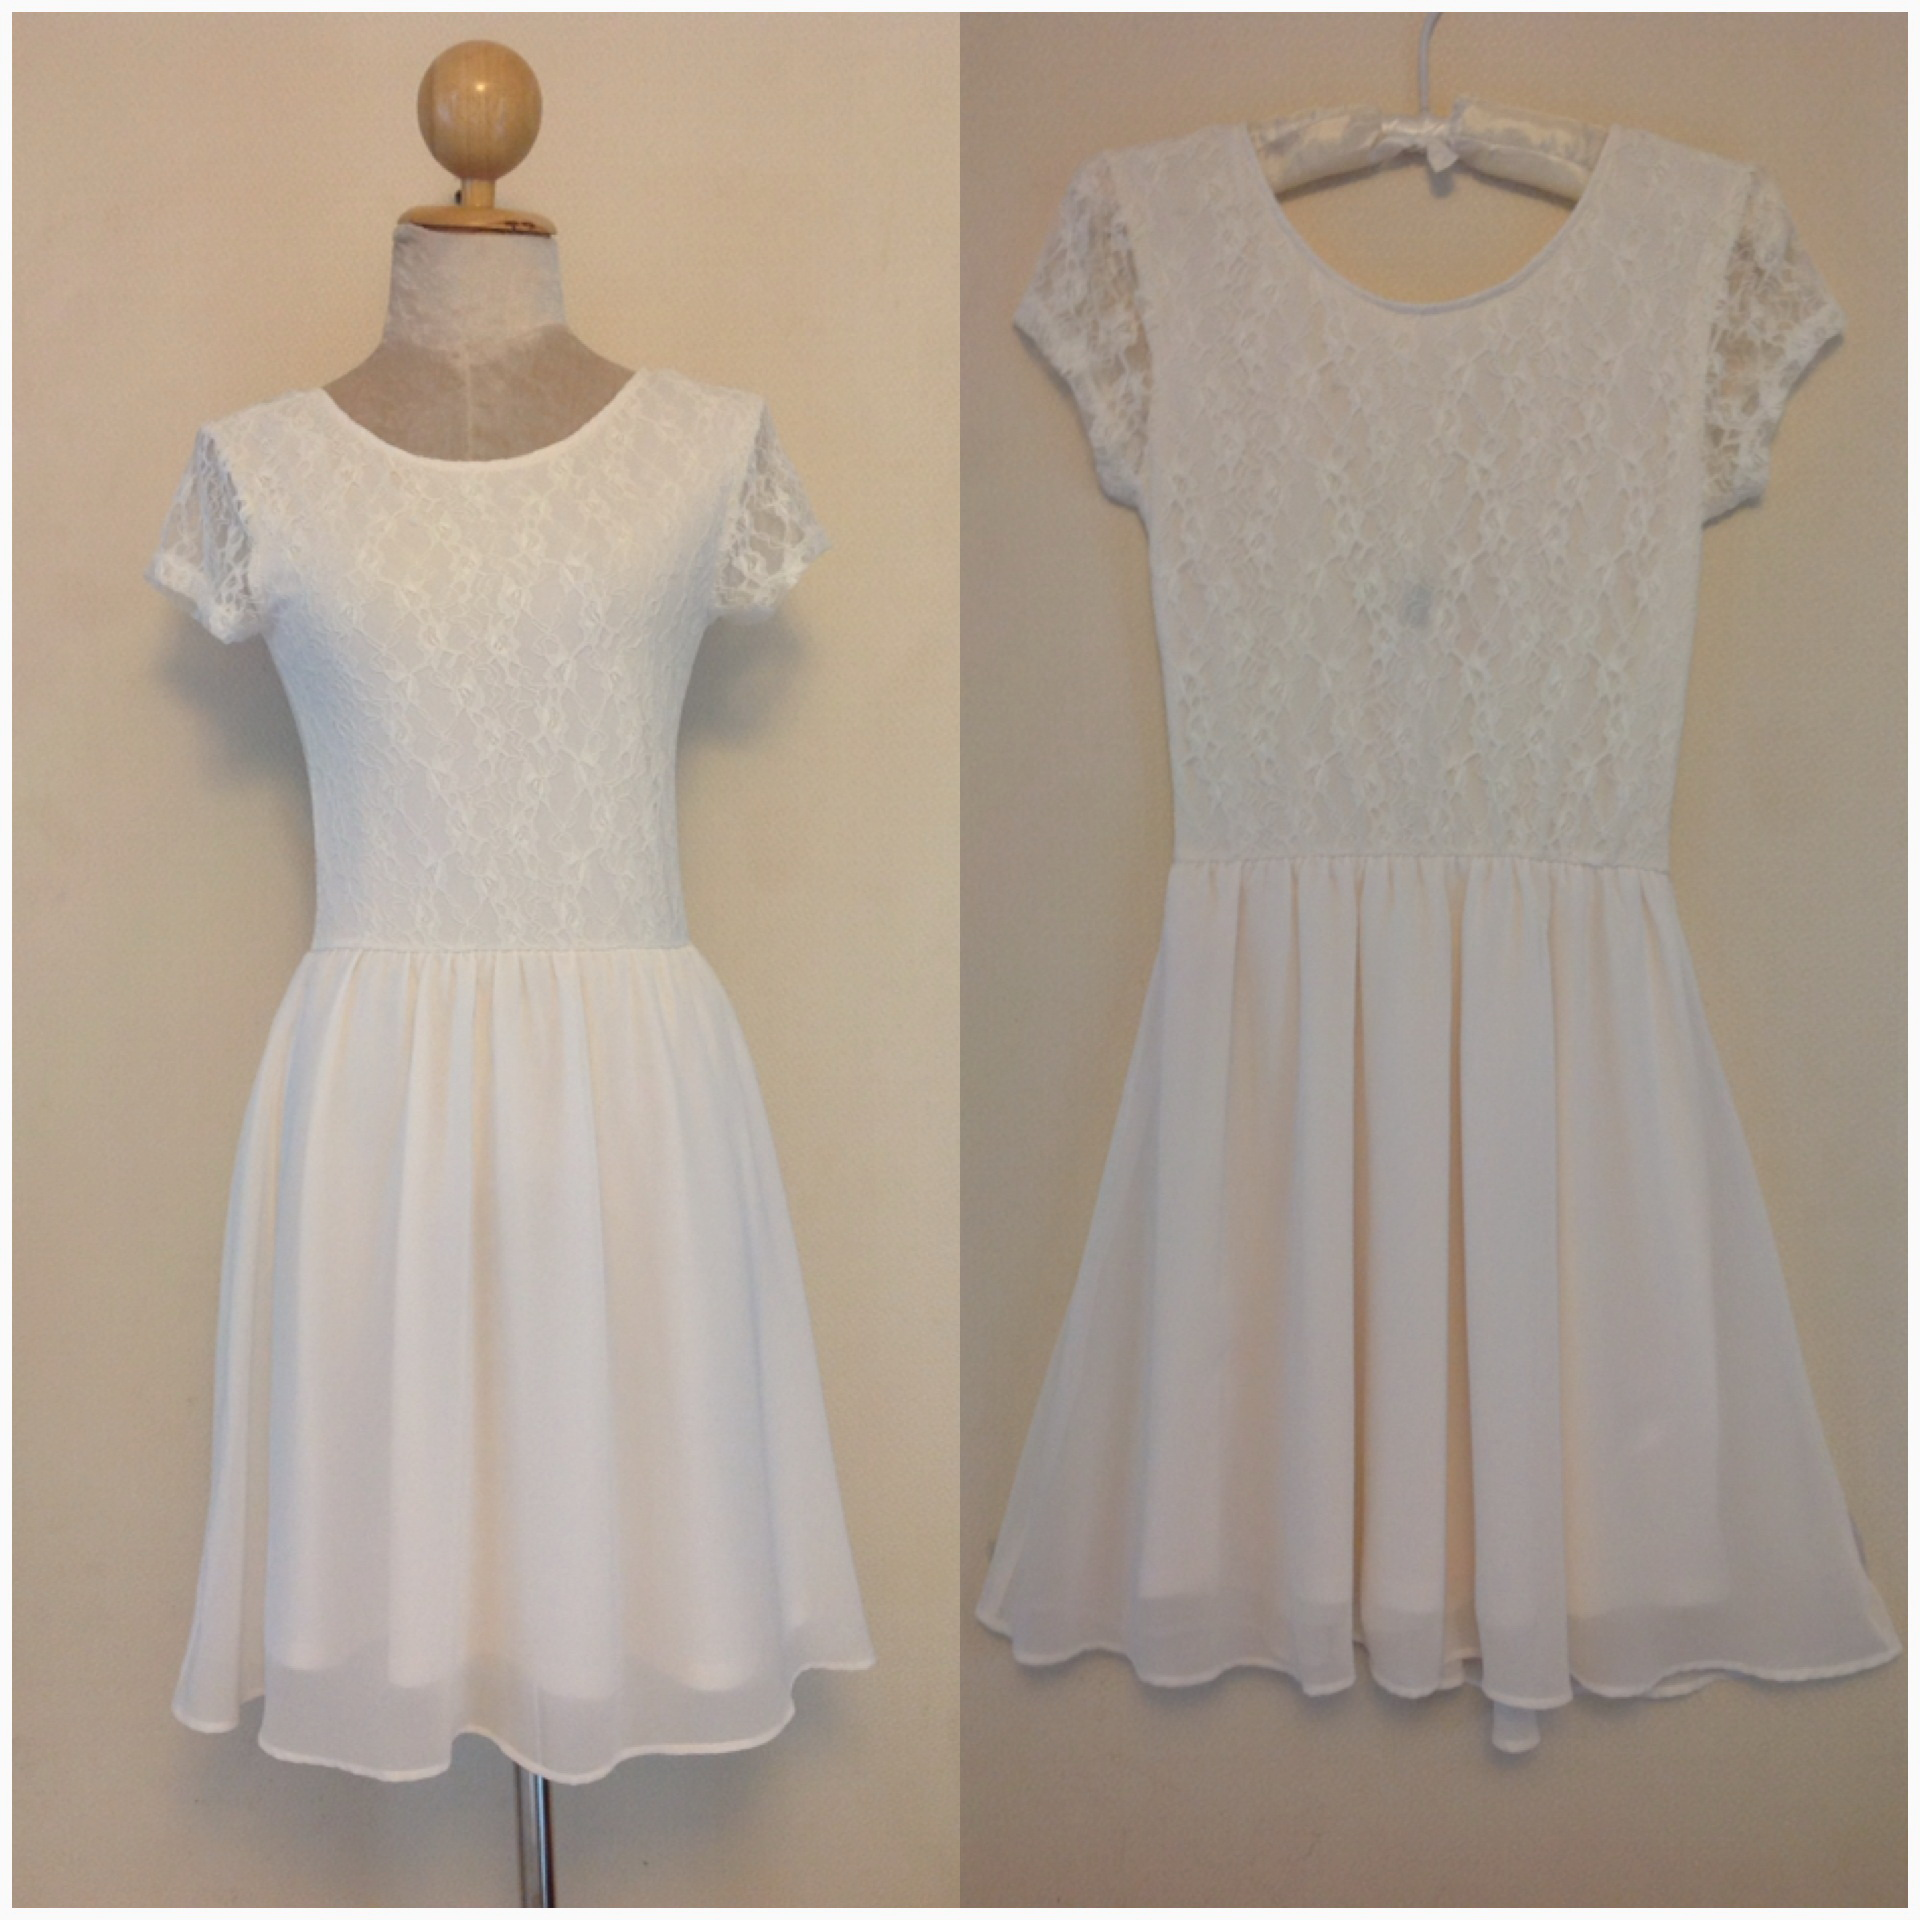 HM Lace Dress Size uk8